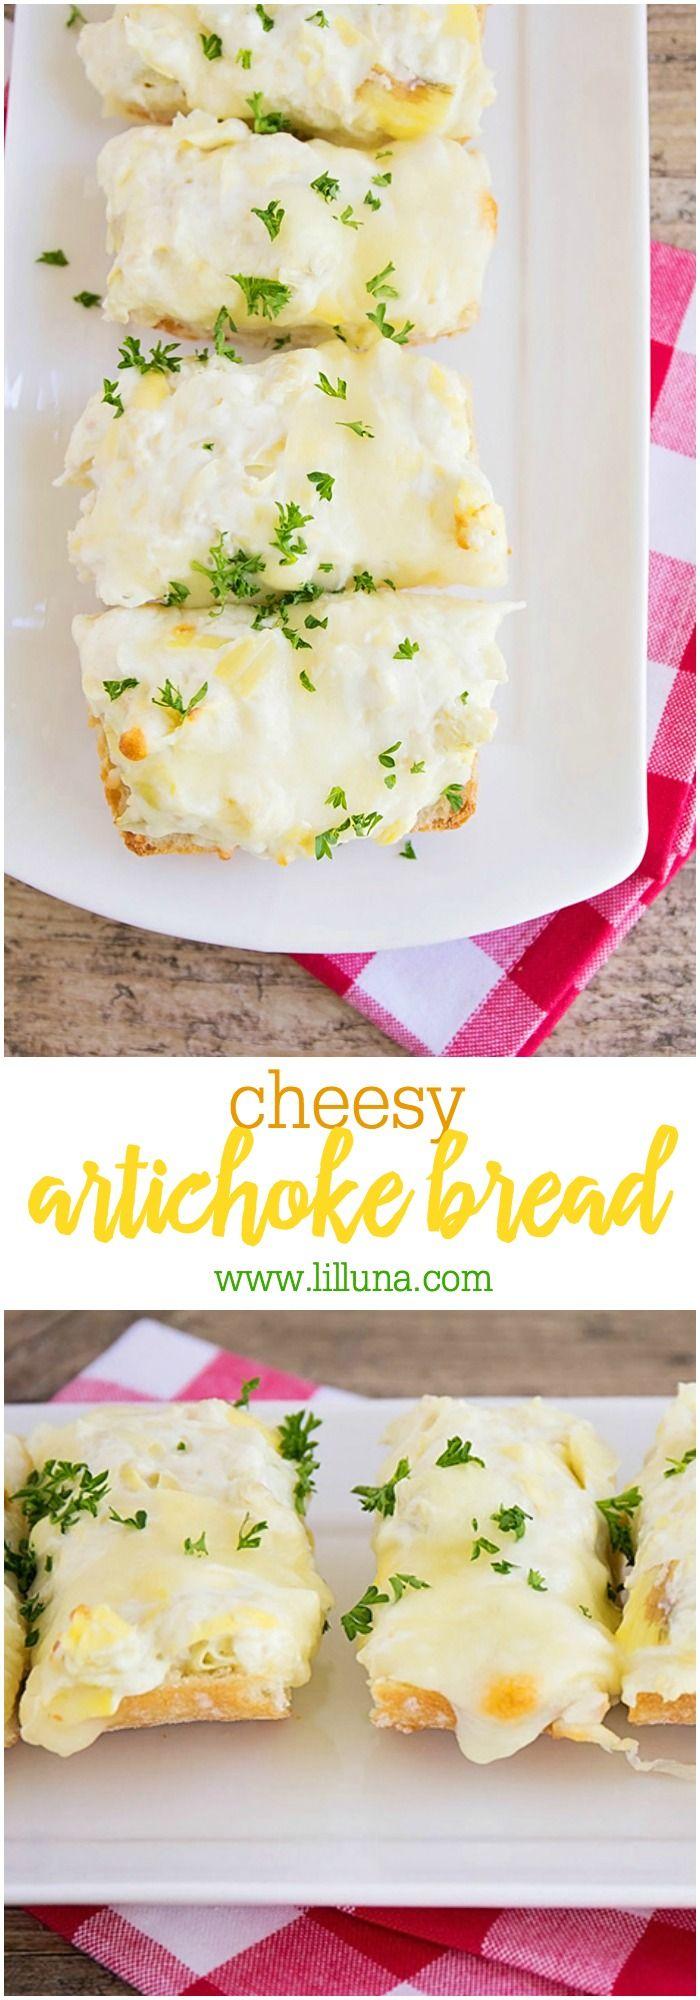 Cheesy Artichoke Bread Recipe - a must try recipe with ciabatta bread, artichokes and three kinds of cheeses!! { lilluna.com }